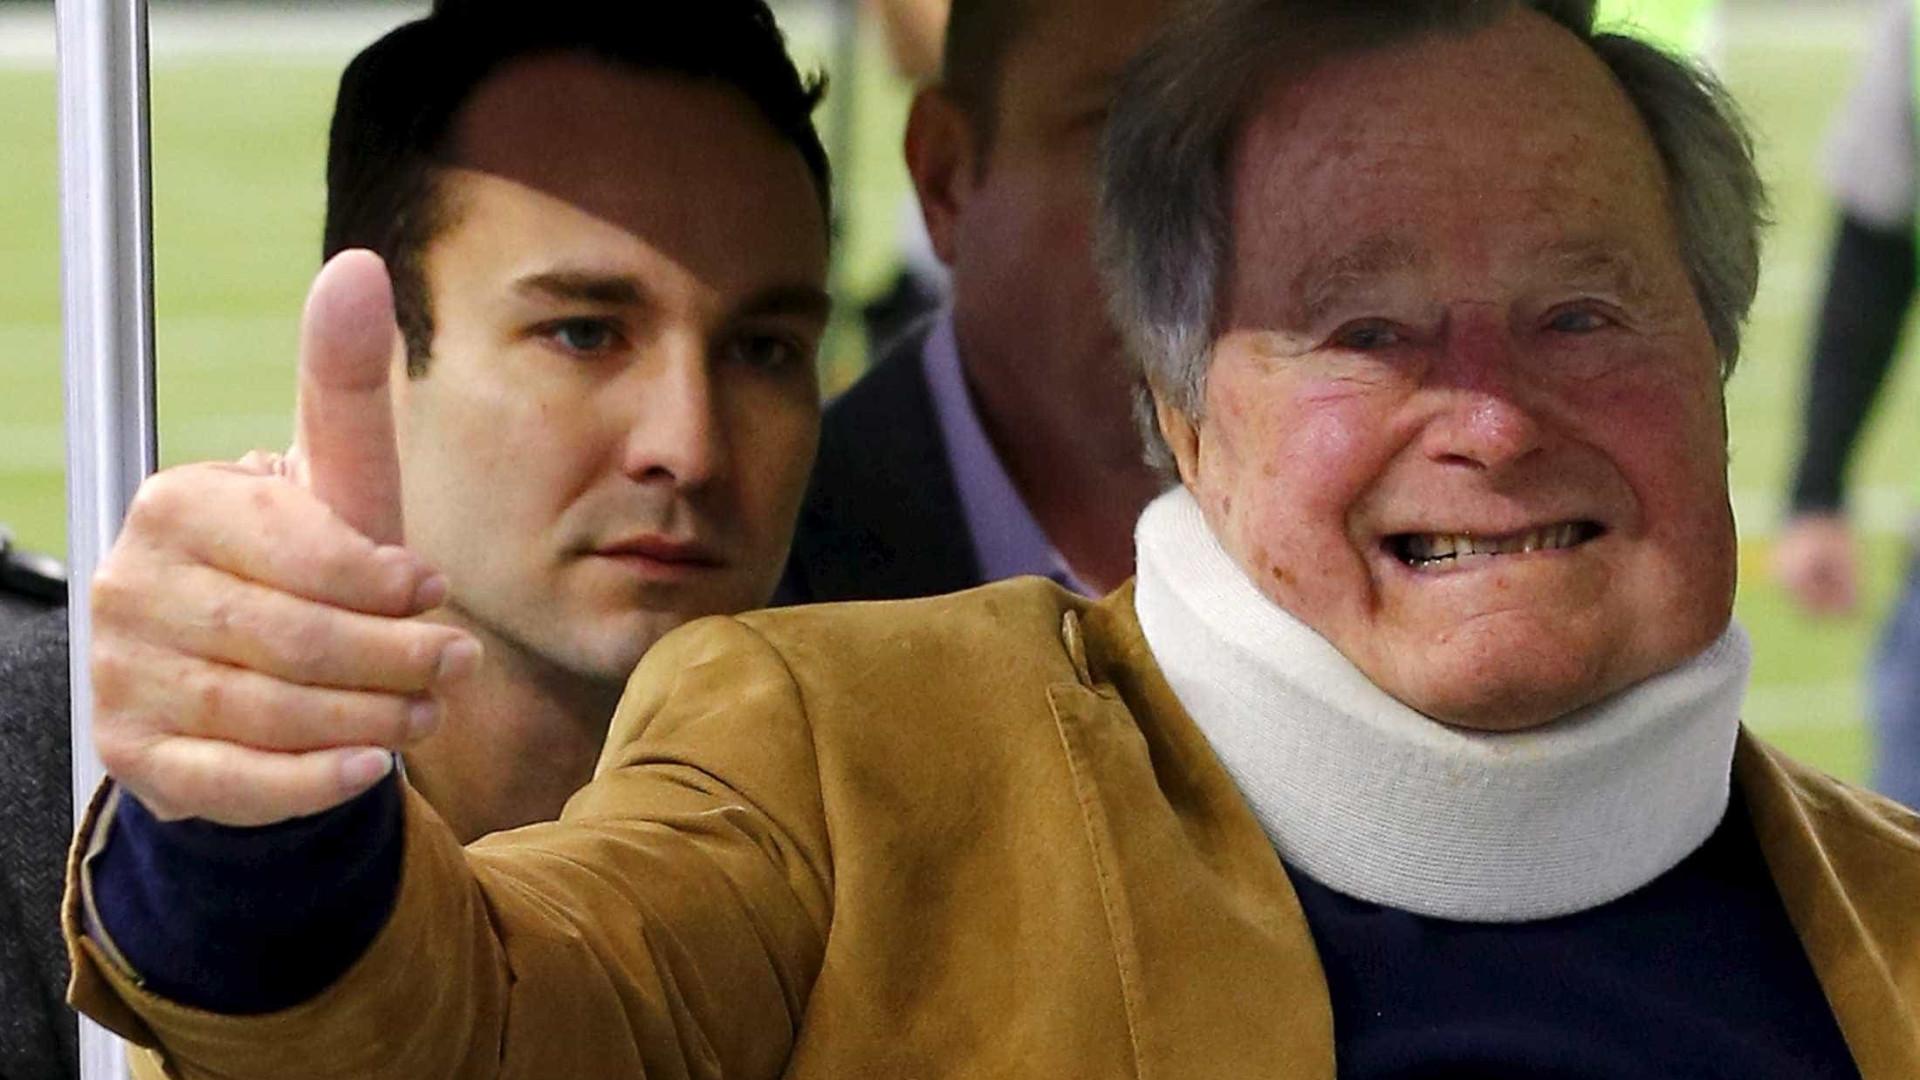 Sexta mulher acusa Bush pai de ter apertado suas nádegas em evento